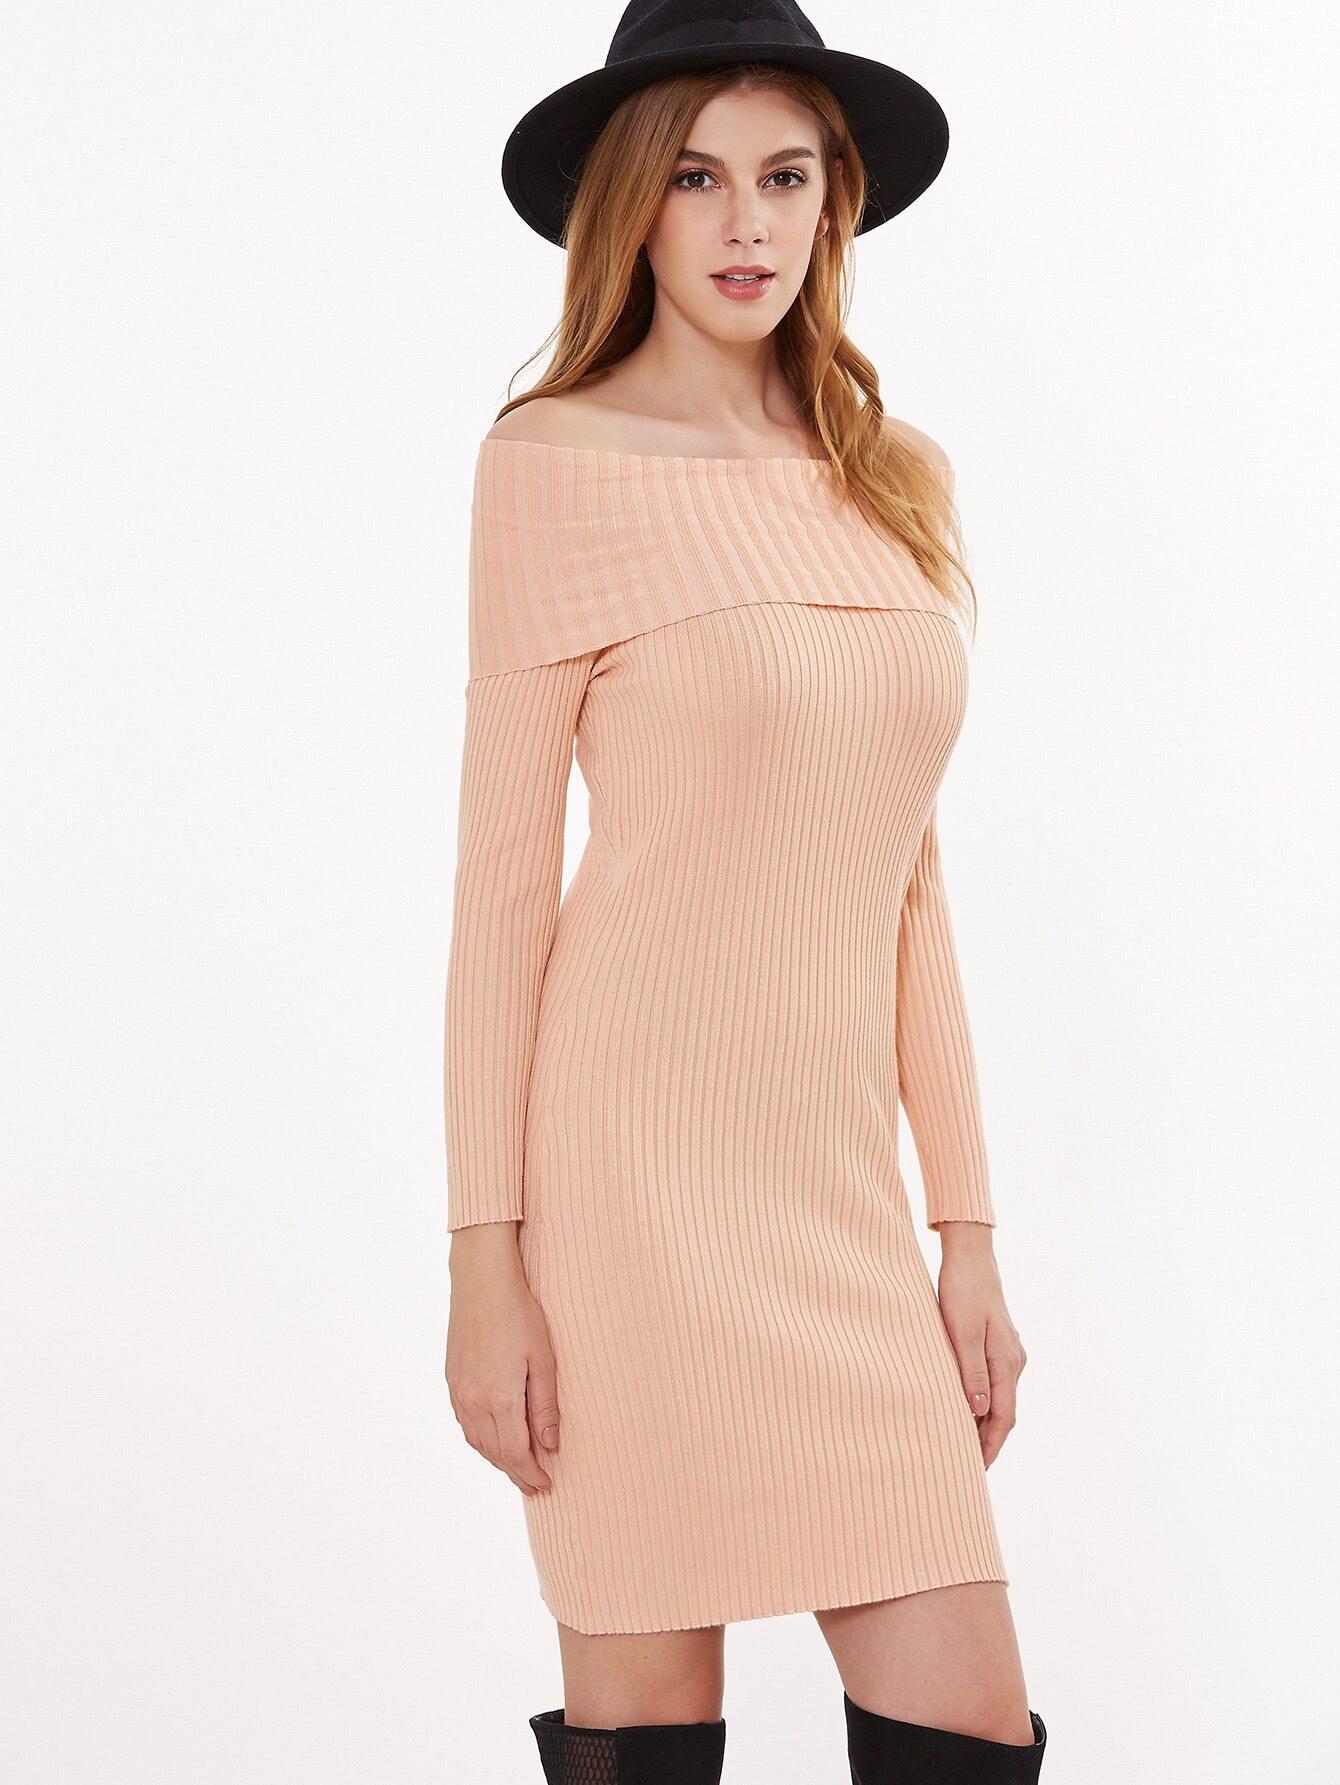 dress160919451_2